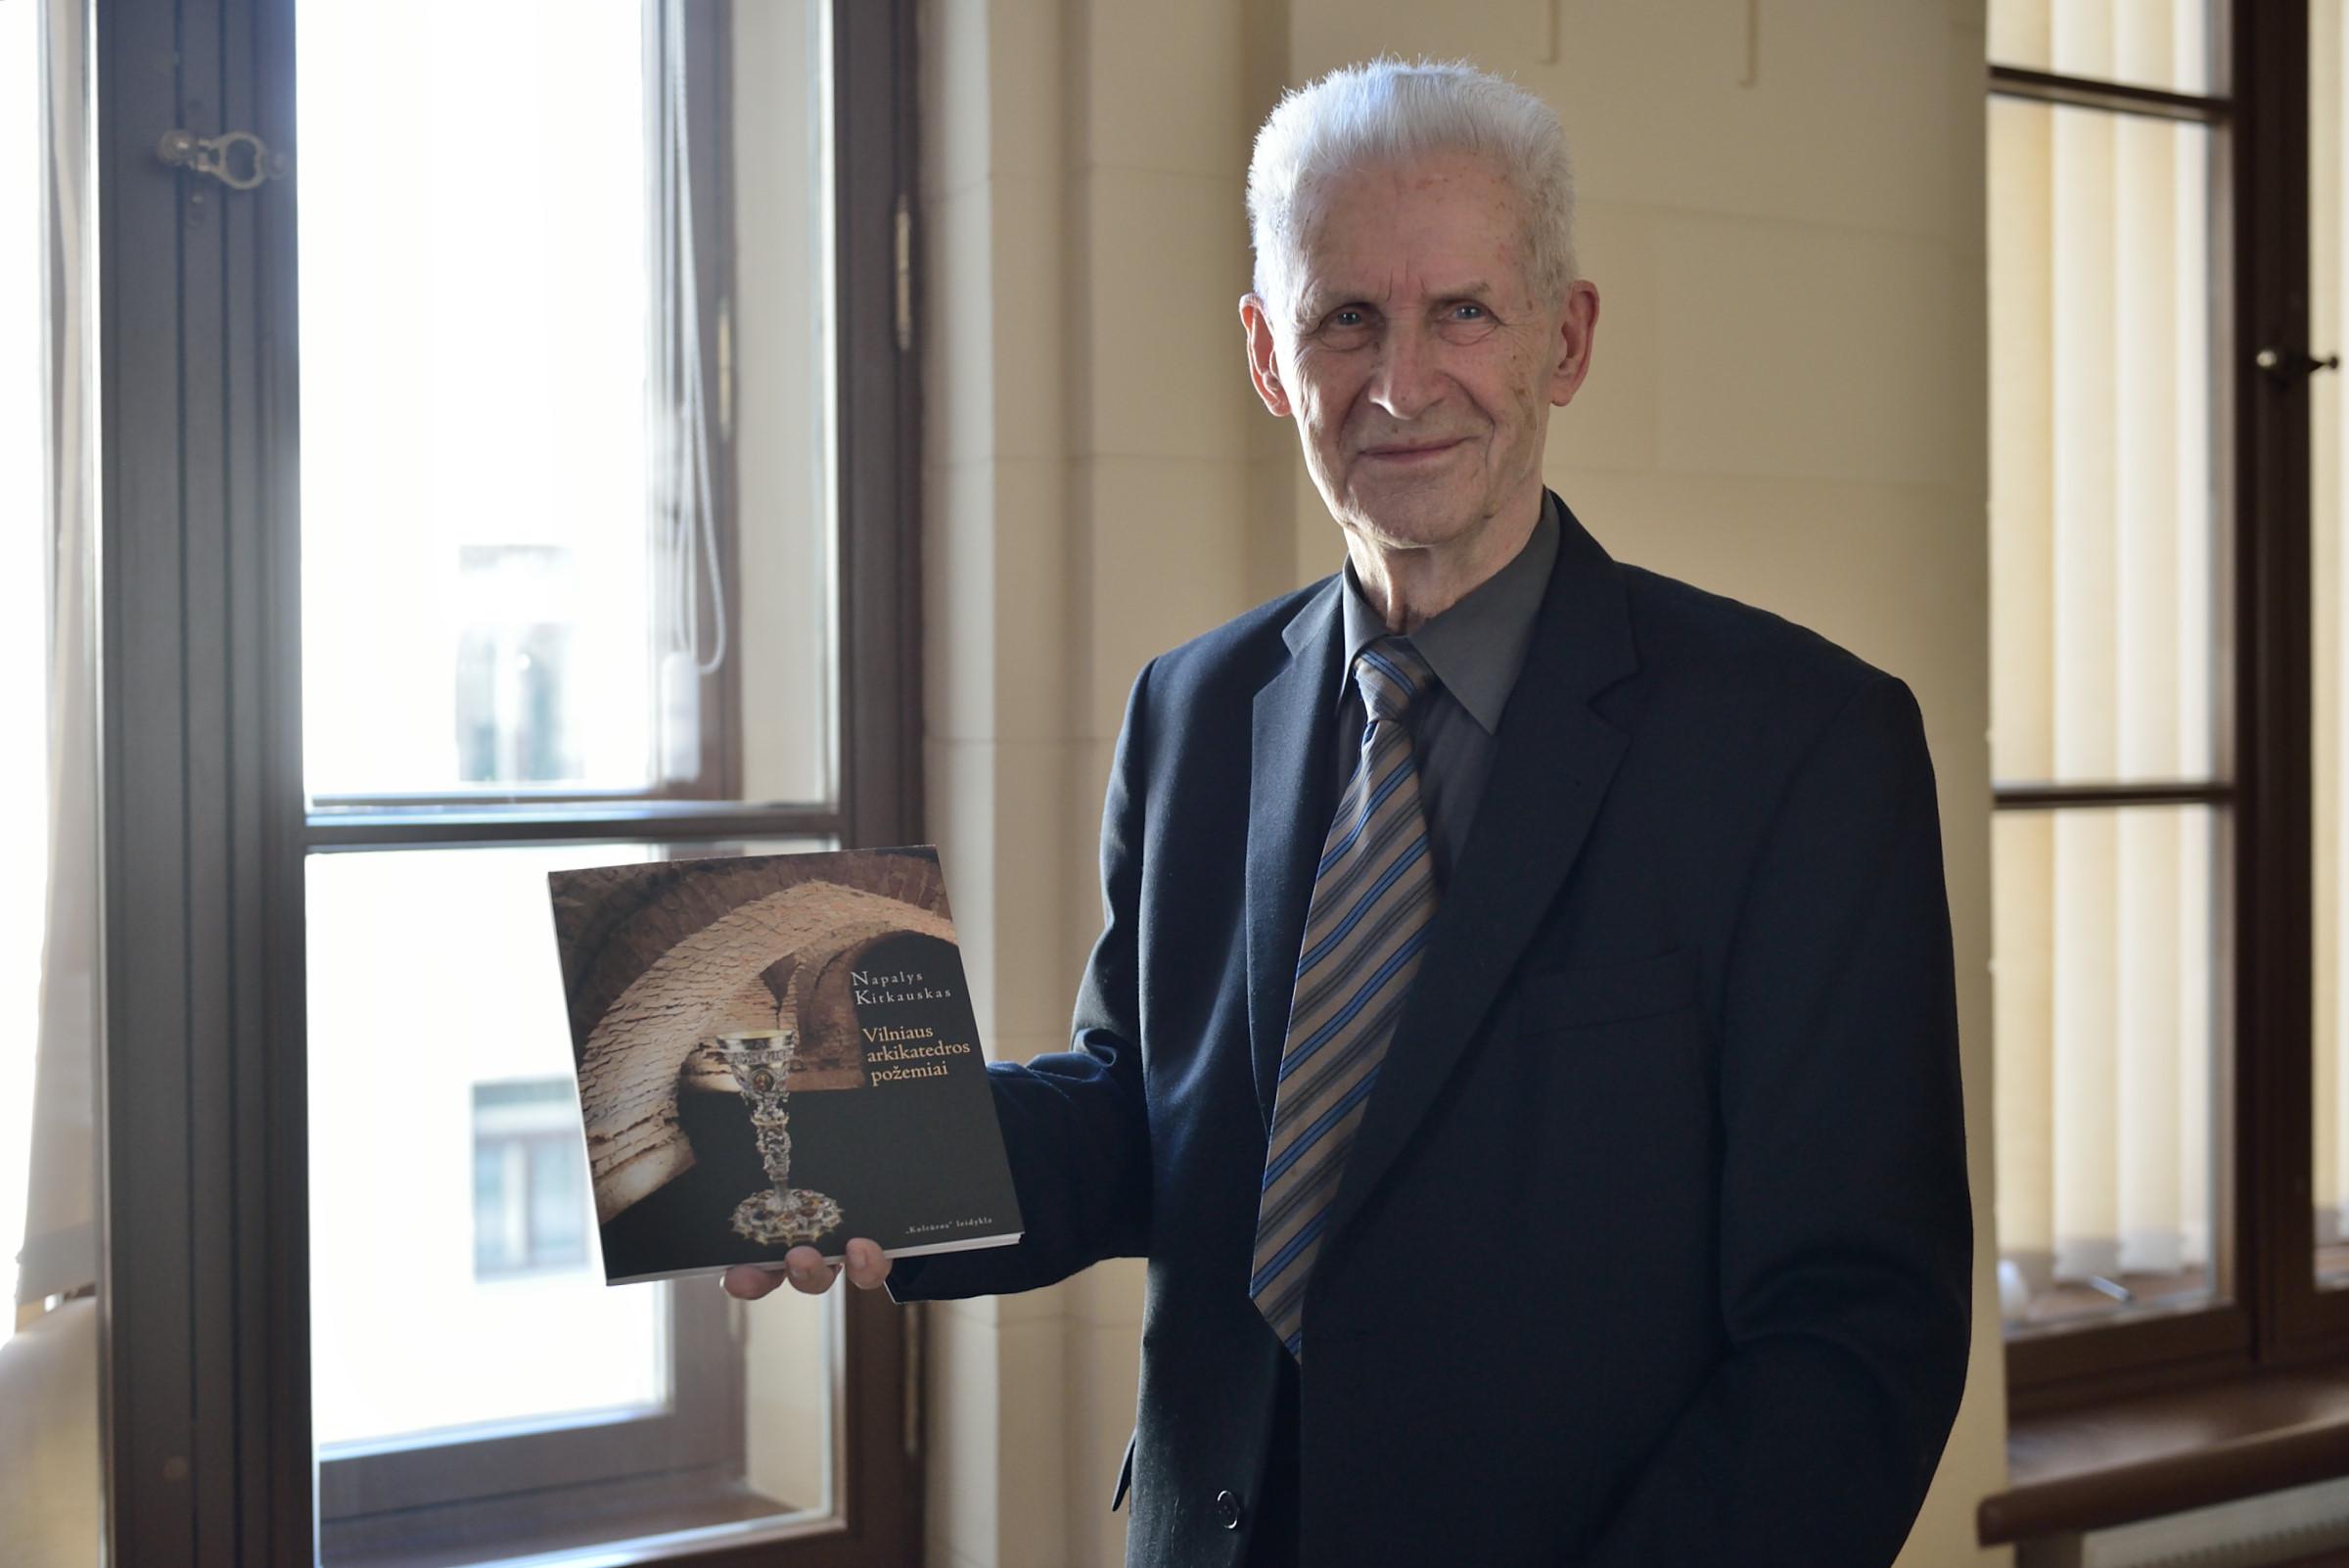 dr. Kazys Napaleonas Kitkauskas | Valdovų rūmų muziejus, V. Abramausko nuotr.